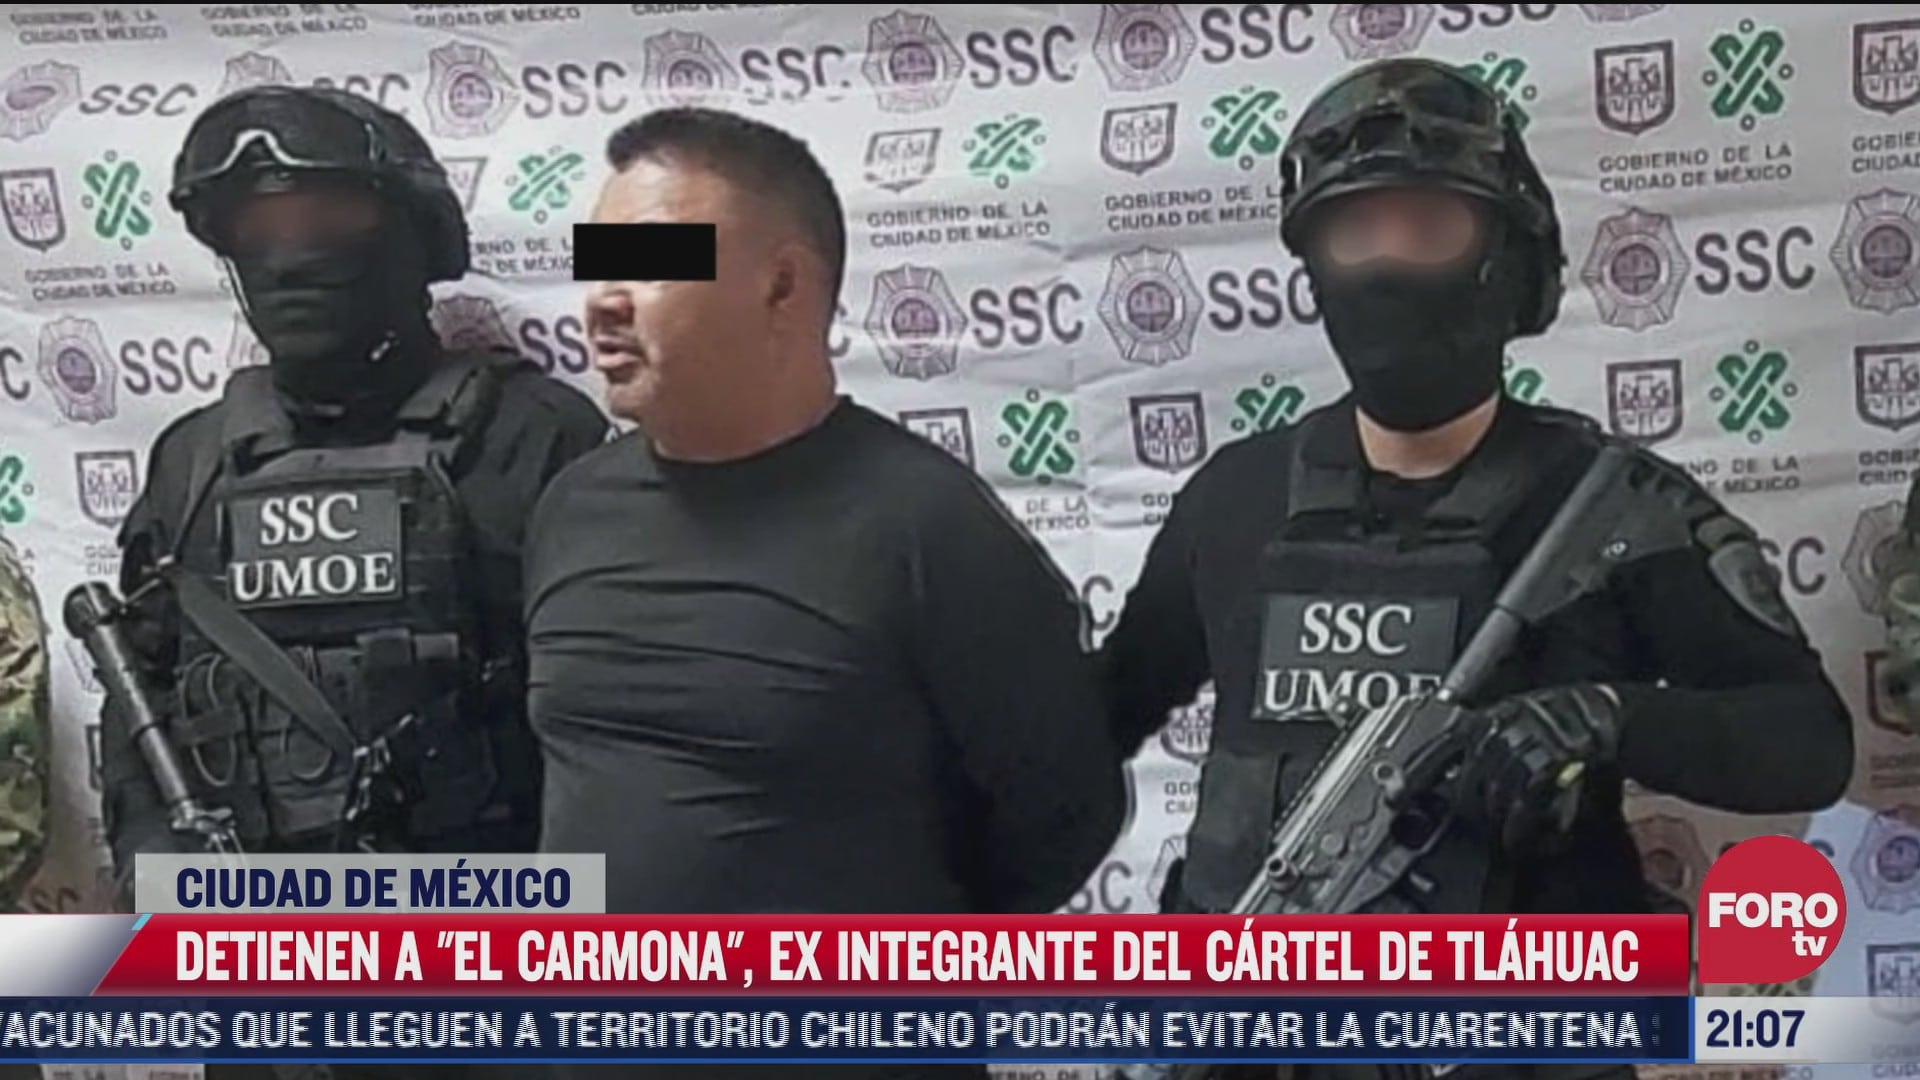 detienen a el carmona ex integrante del cartel de tlahuac